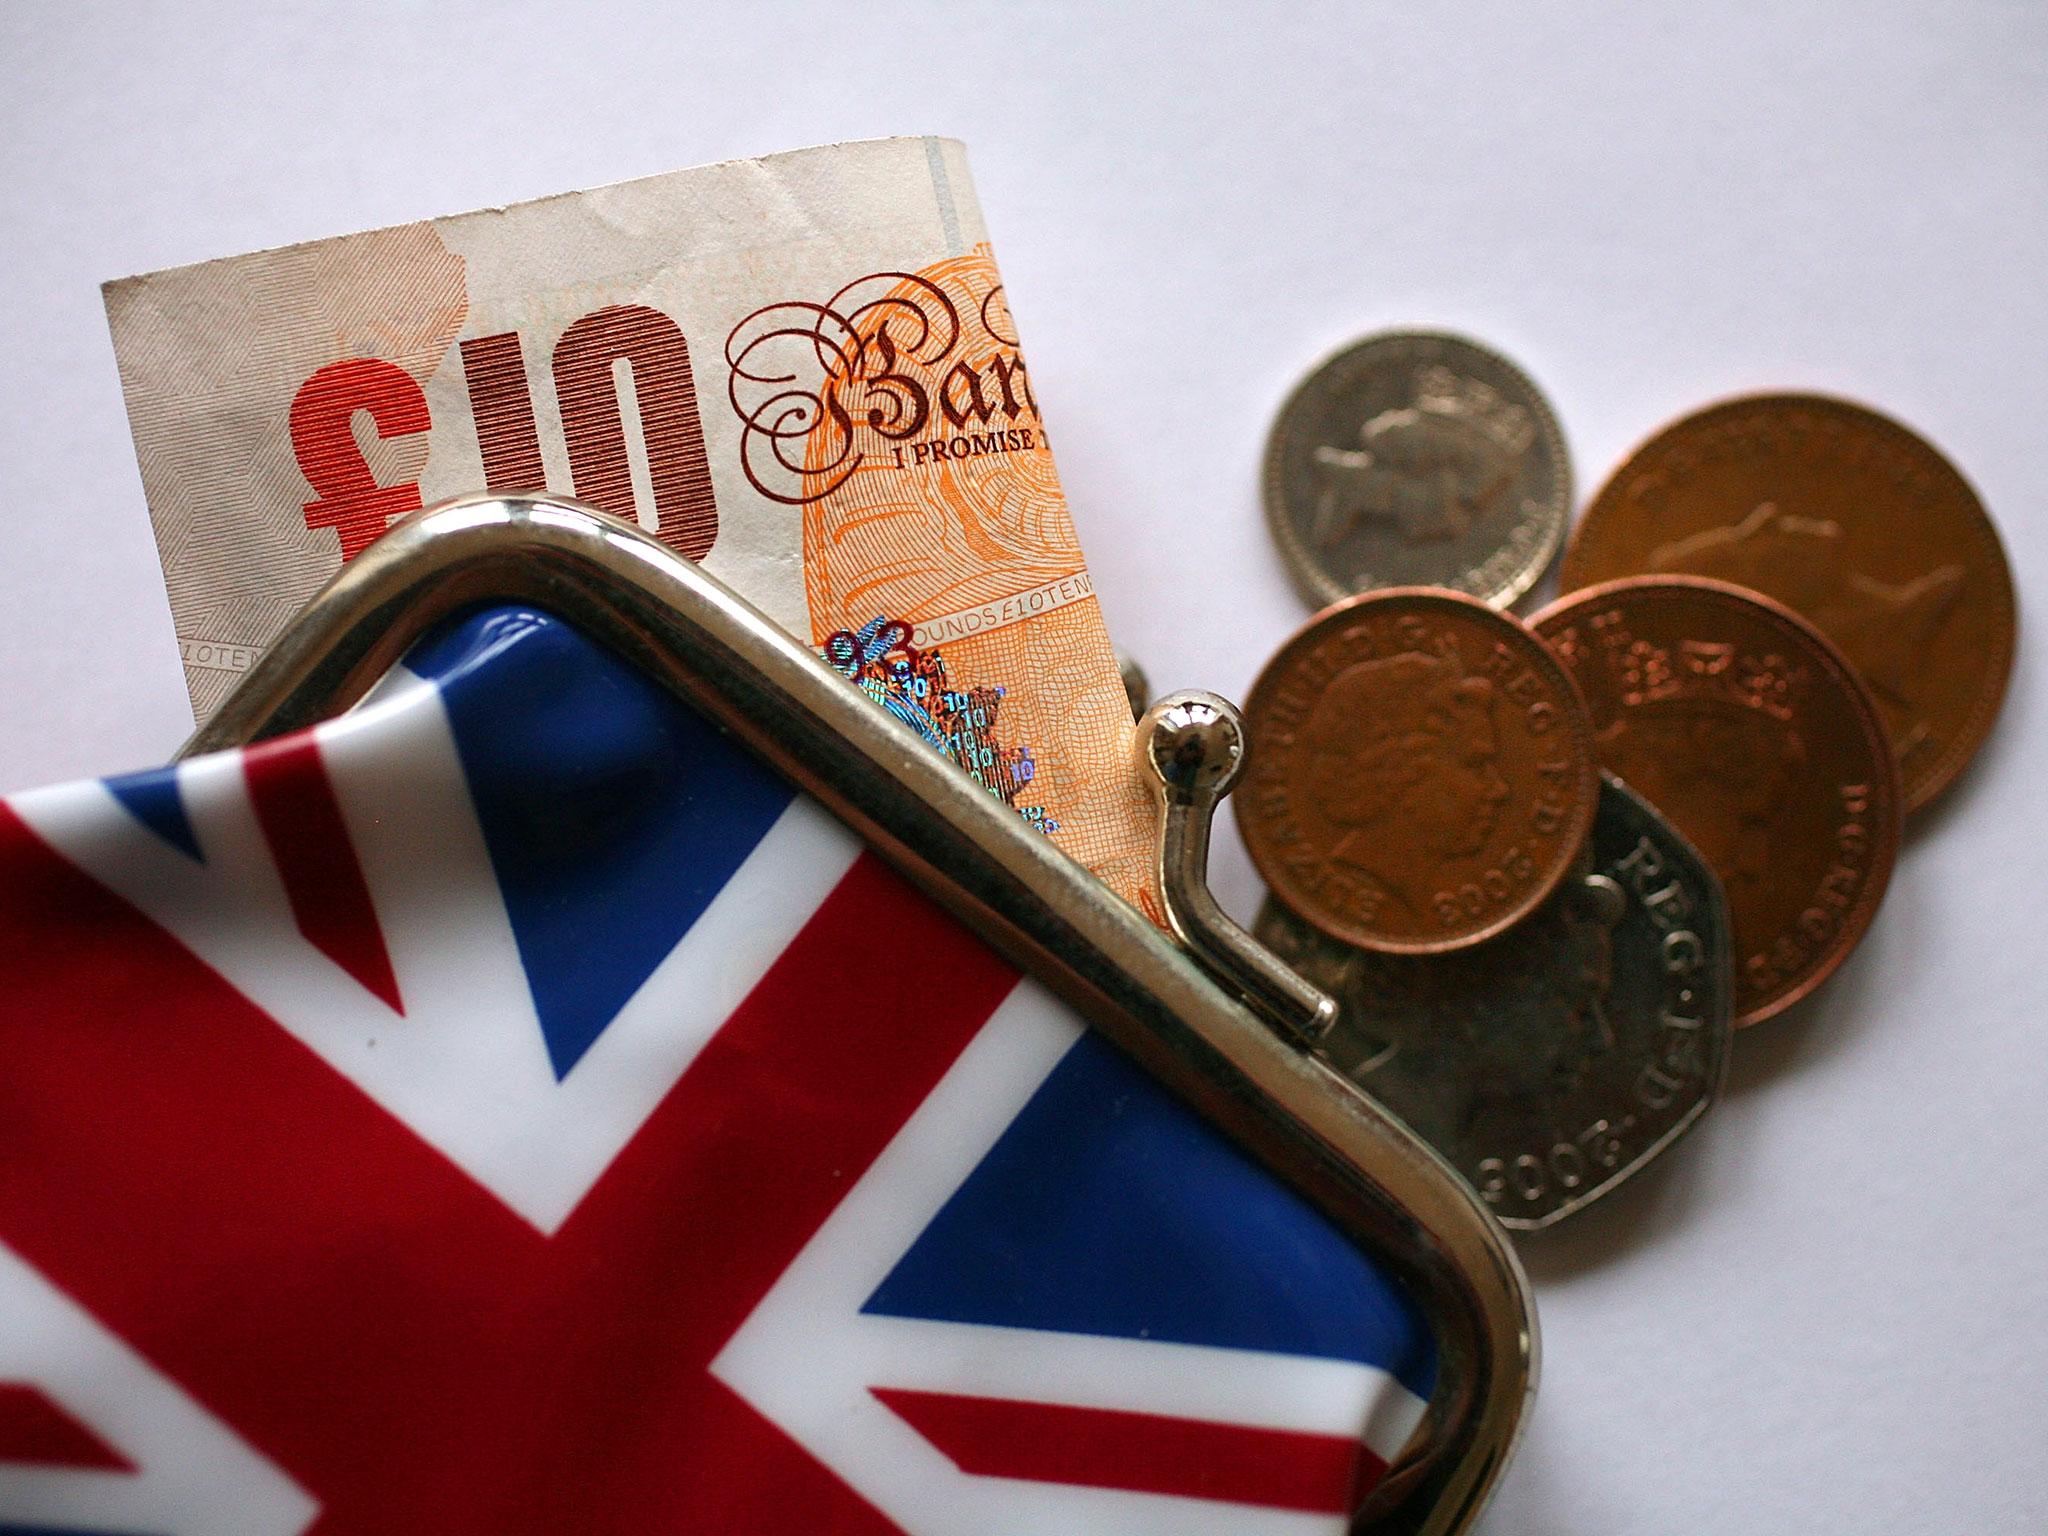 تباطؤ في الاقتصاد البريطاني على مشارف استفتاء العضوية في الاتحاد الأوروبي